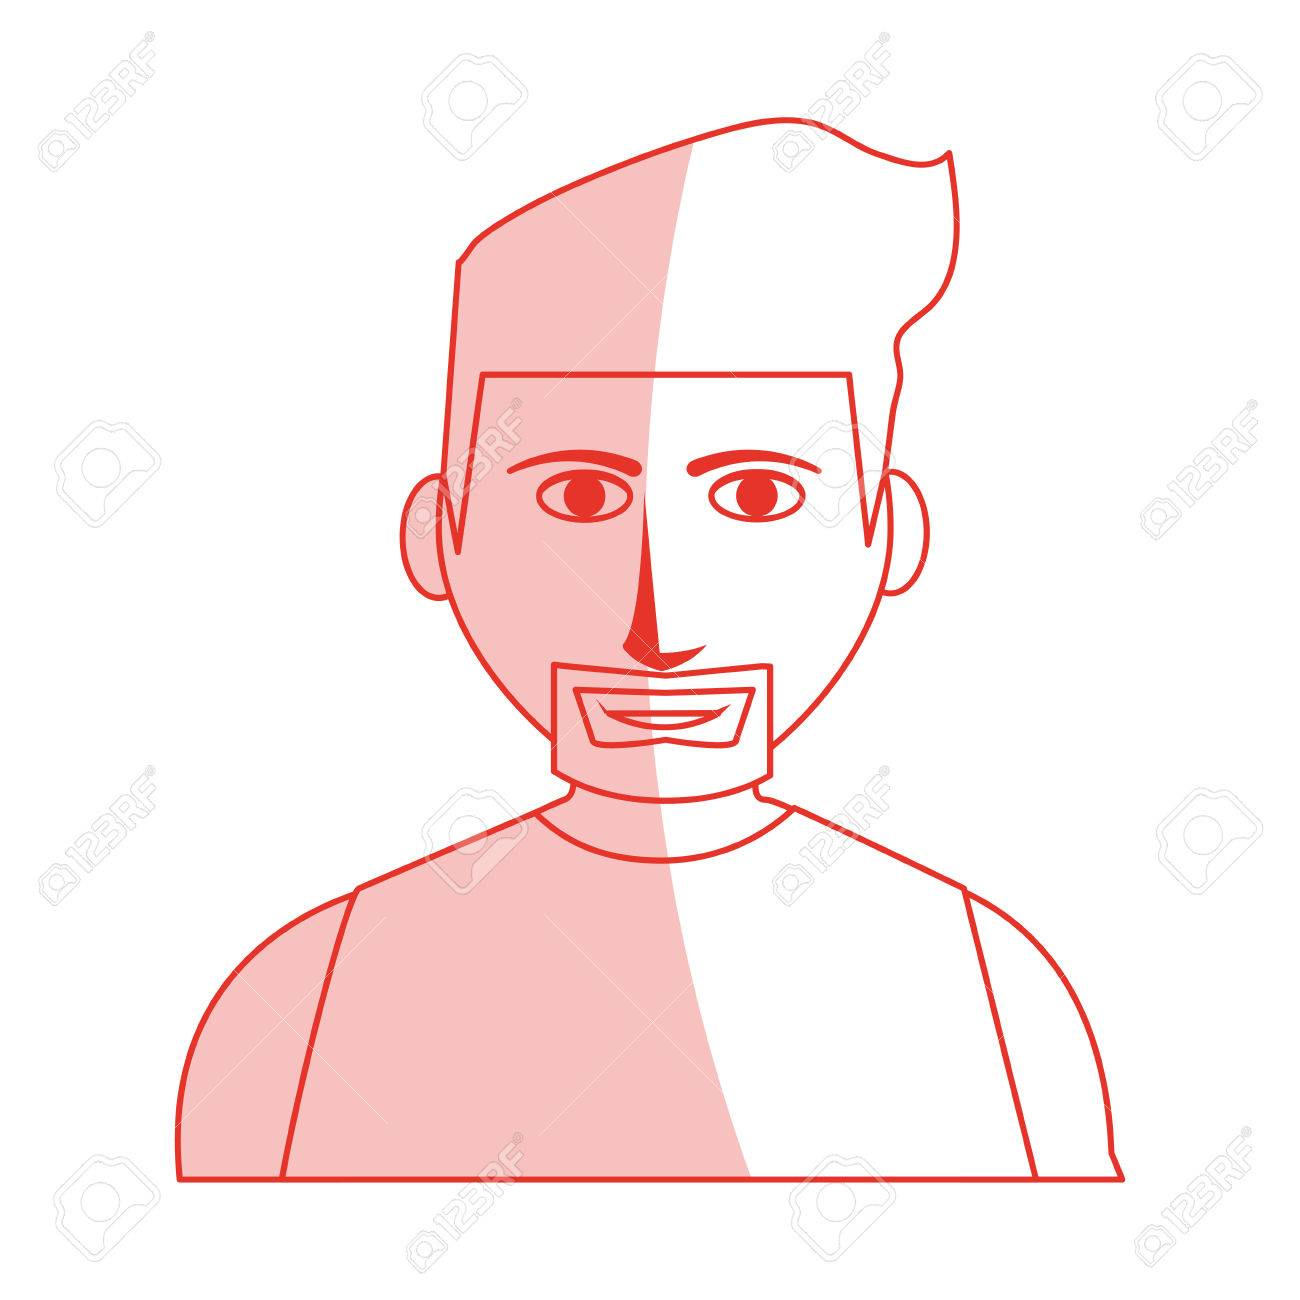 Dessin Corps Homme rouge, silhouette, ombre, dessin animé, demi-corps, homme, musclé